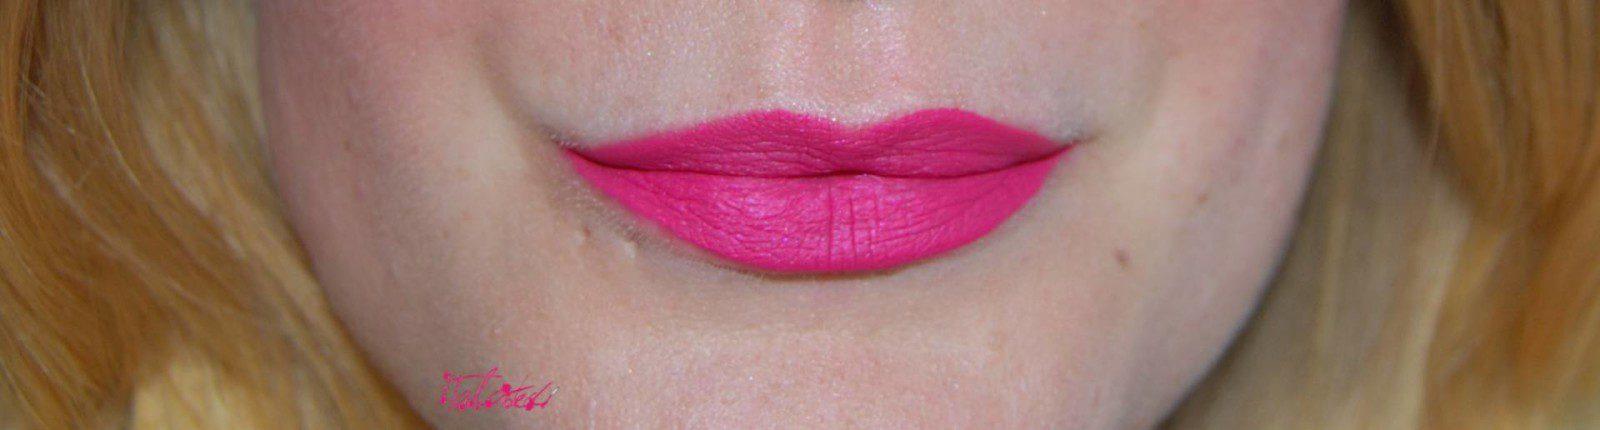 Stila Stay All Day Liquid Lipstick Fiore